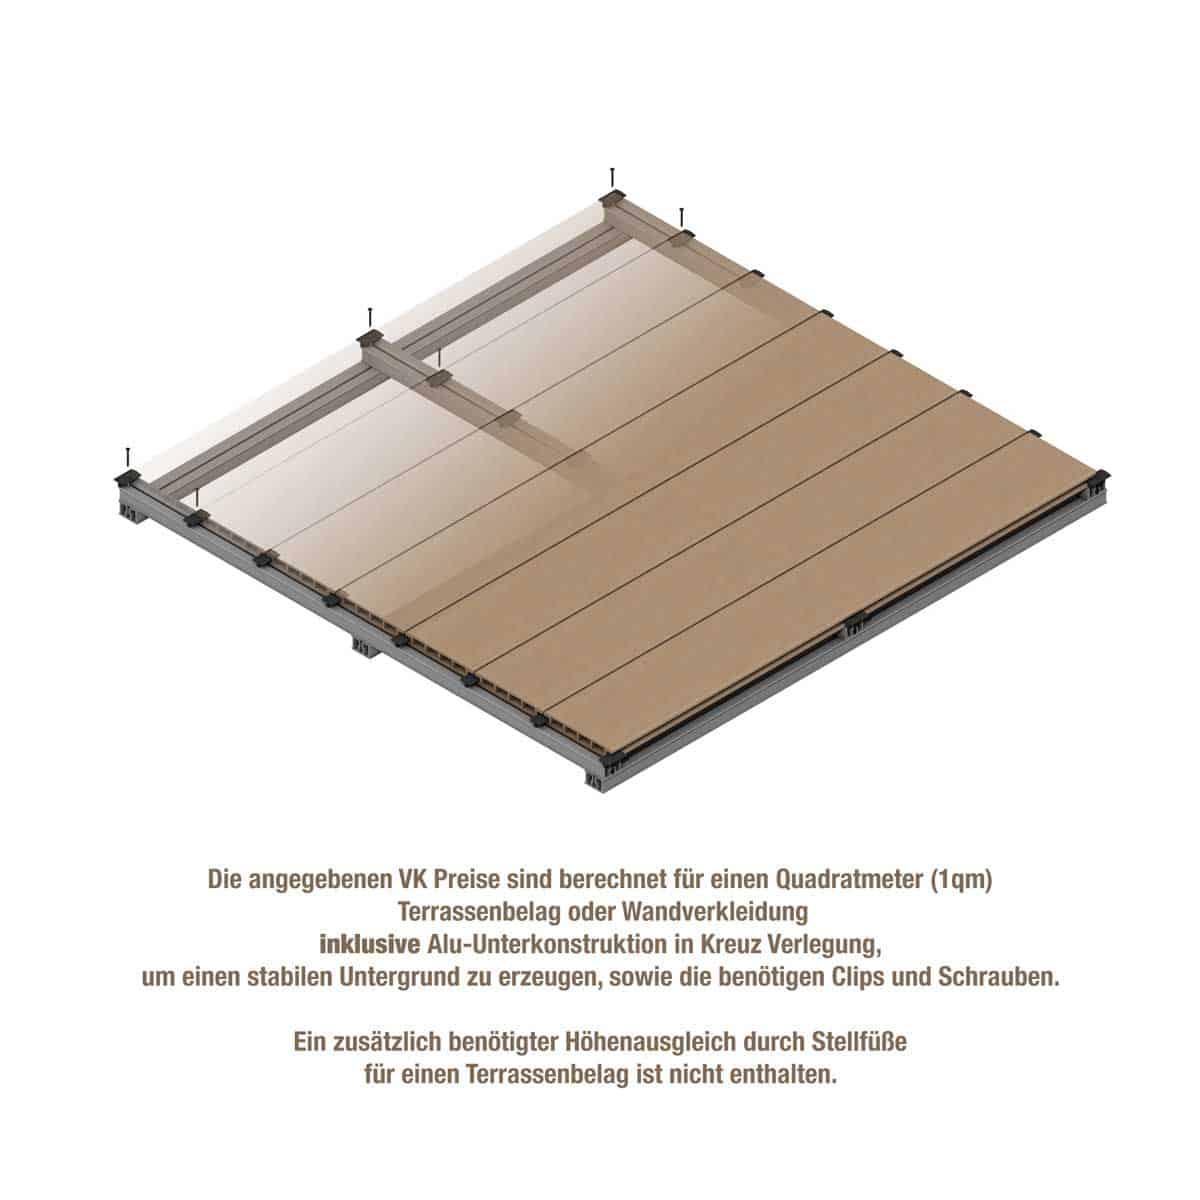 1qm Boden mit Unterkonstruktion, Clips und Schrauben